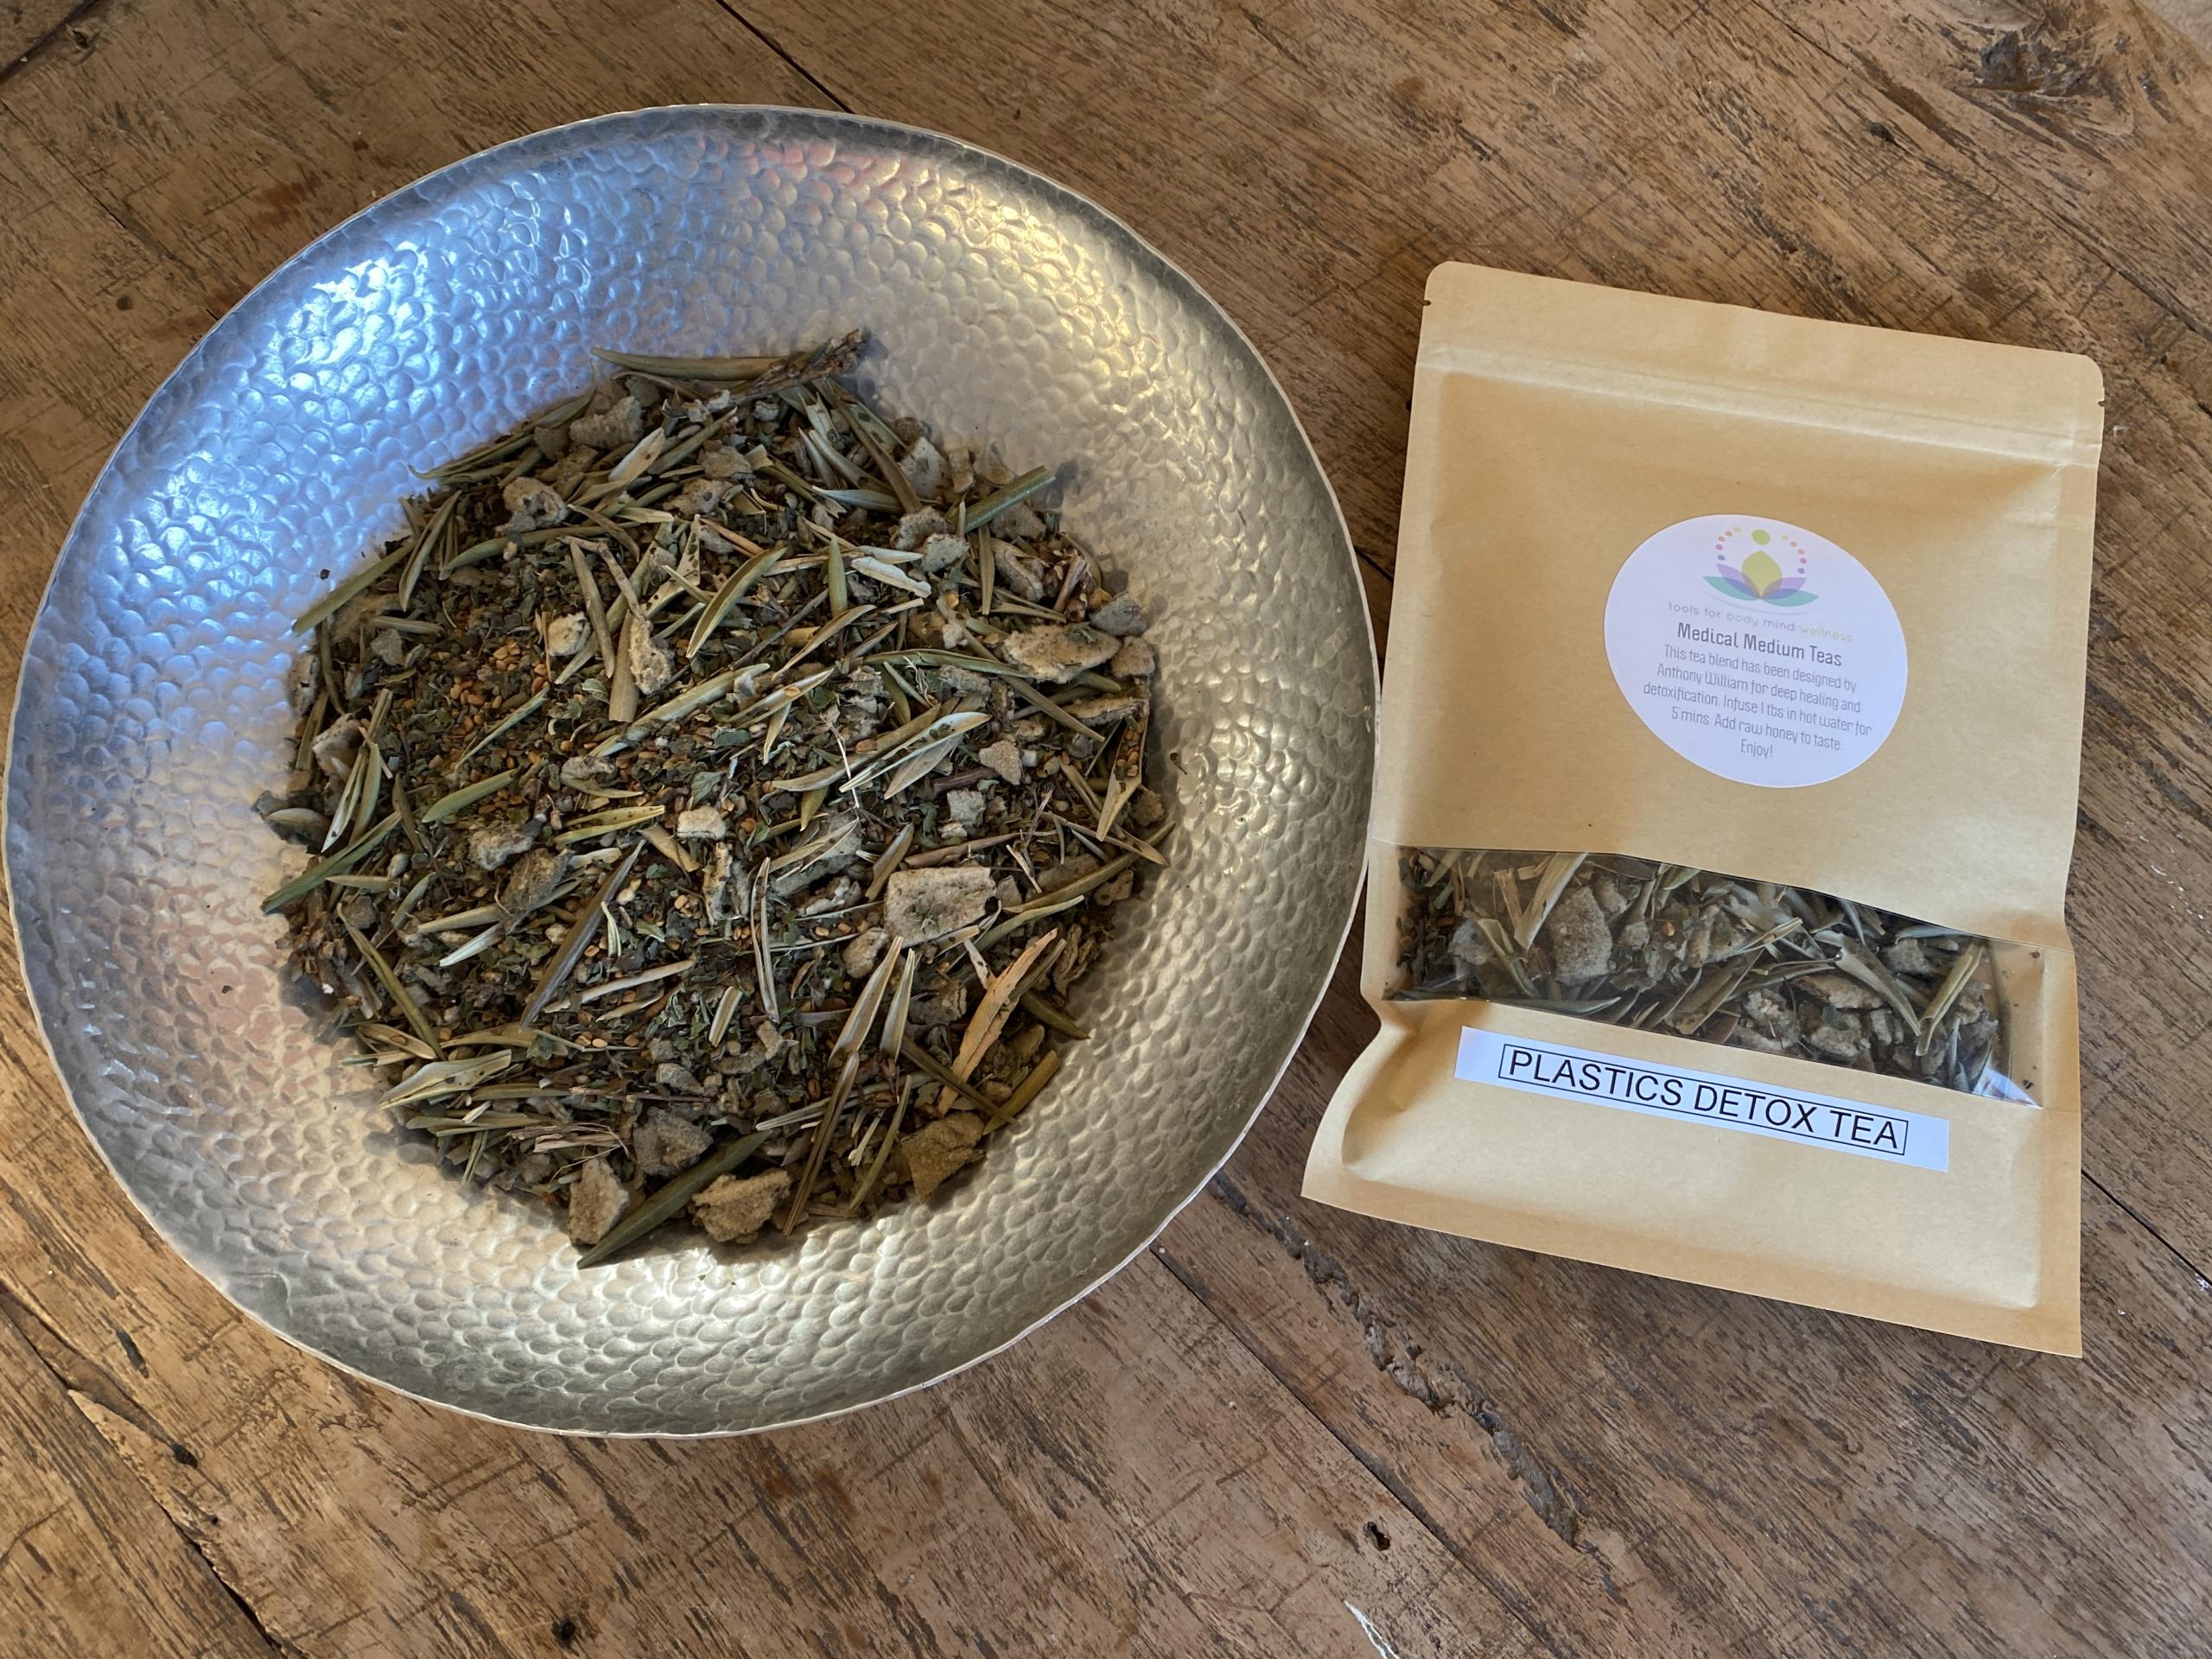 Plastics Detox Tea